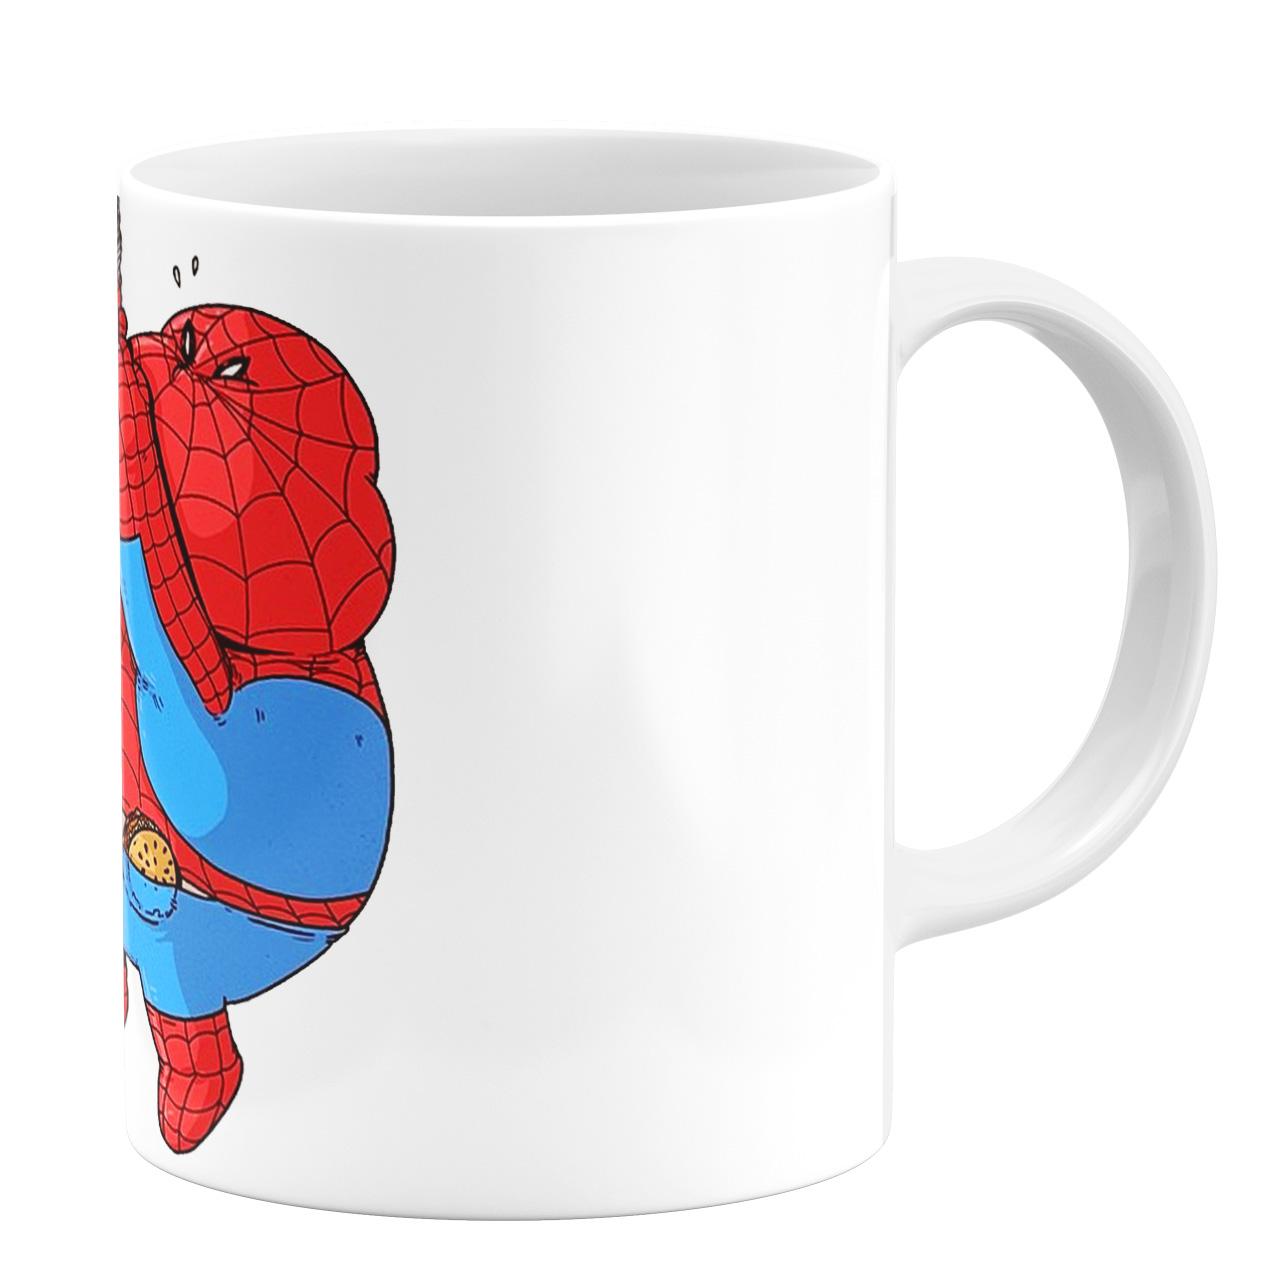 عکس ماگ طرح مرد عنکبوتی کد 9819